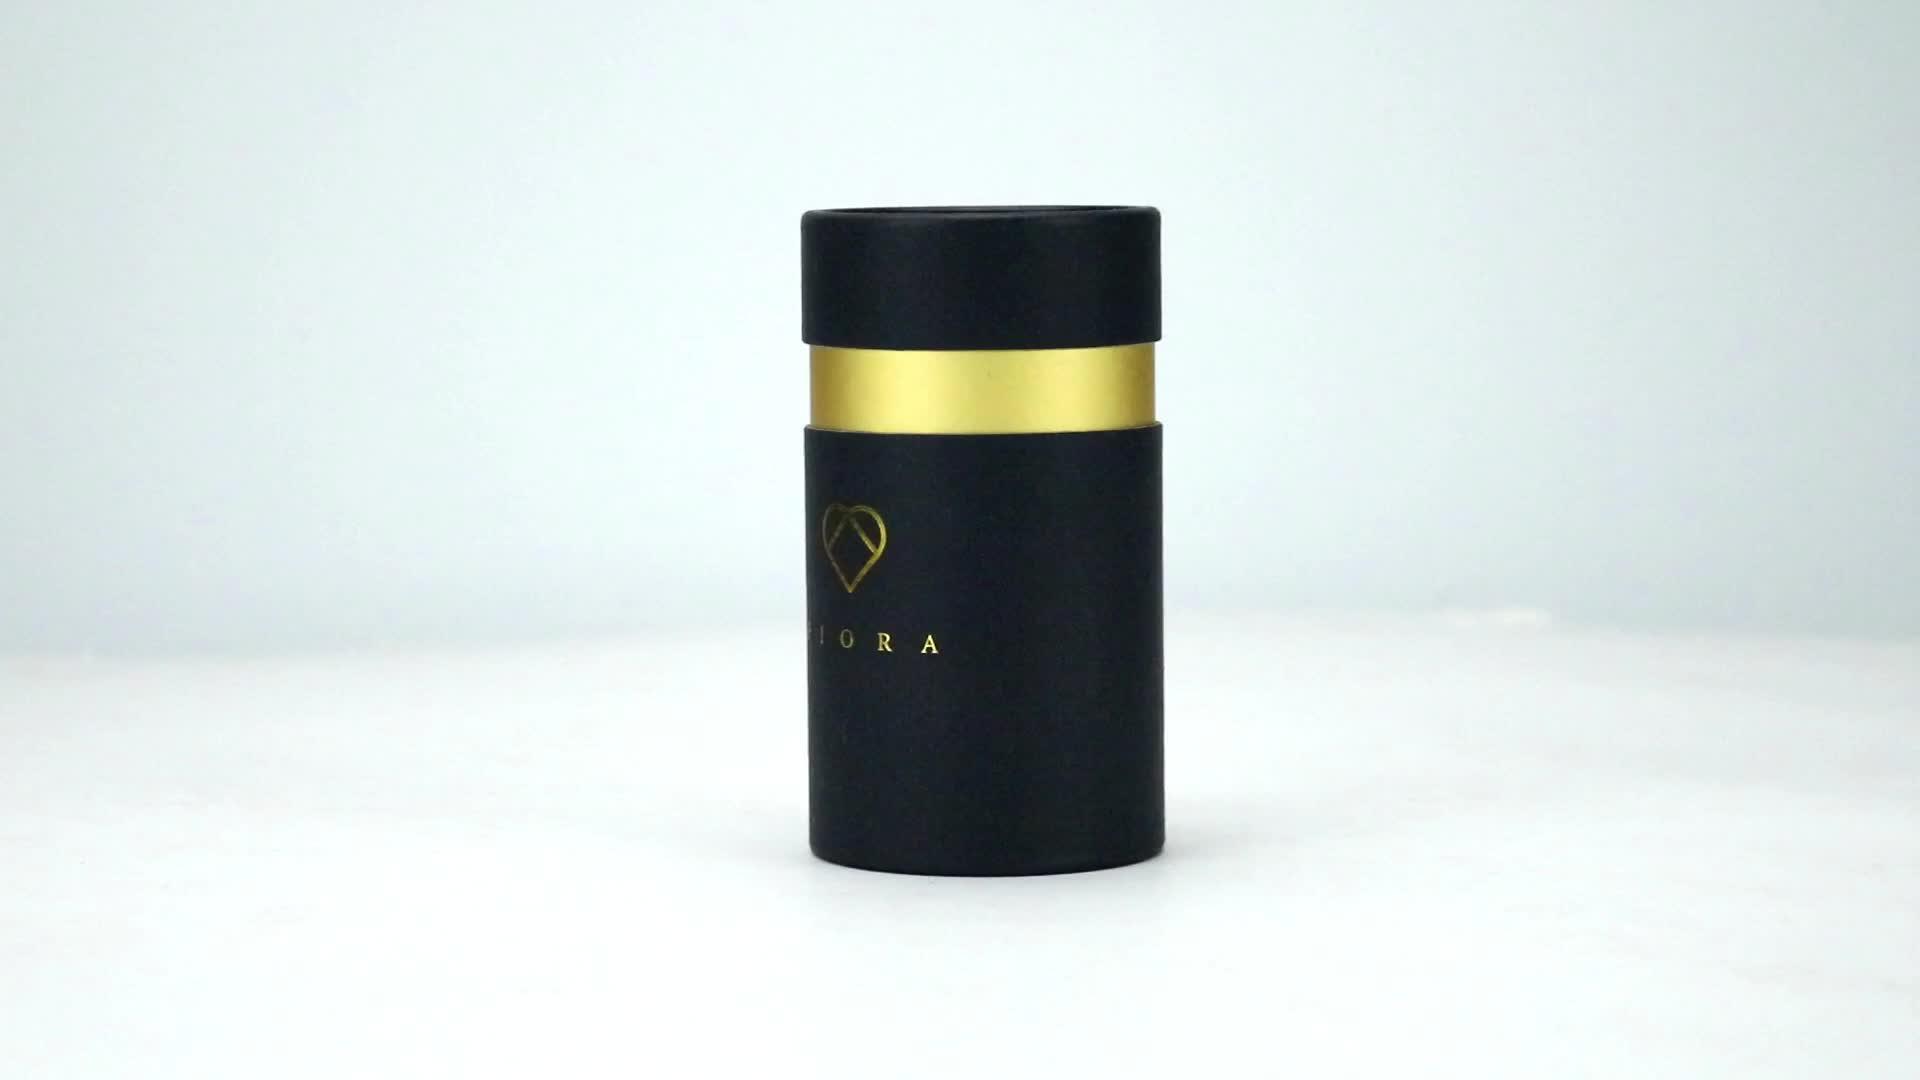 Nieuwe product gerecycled zwart papier buis verpakking met Zilveren logo